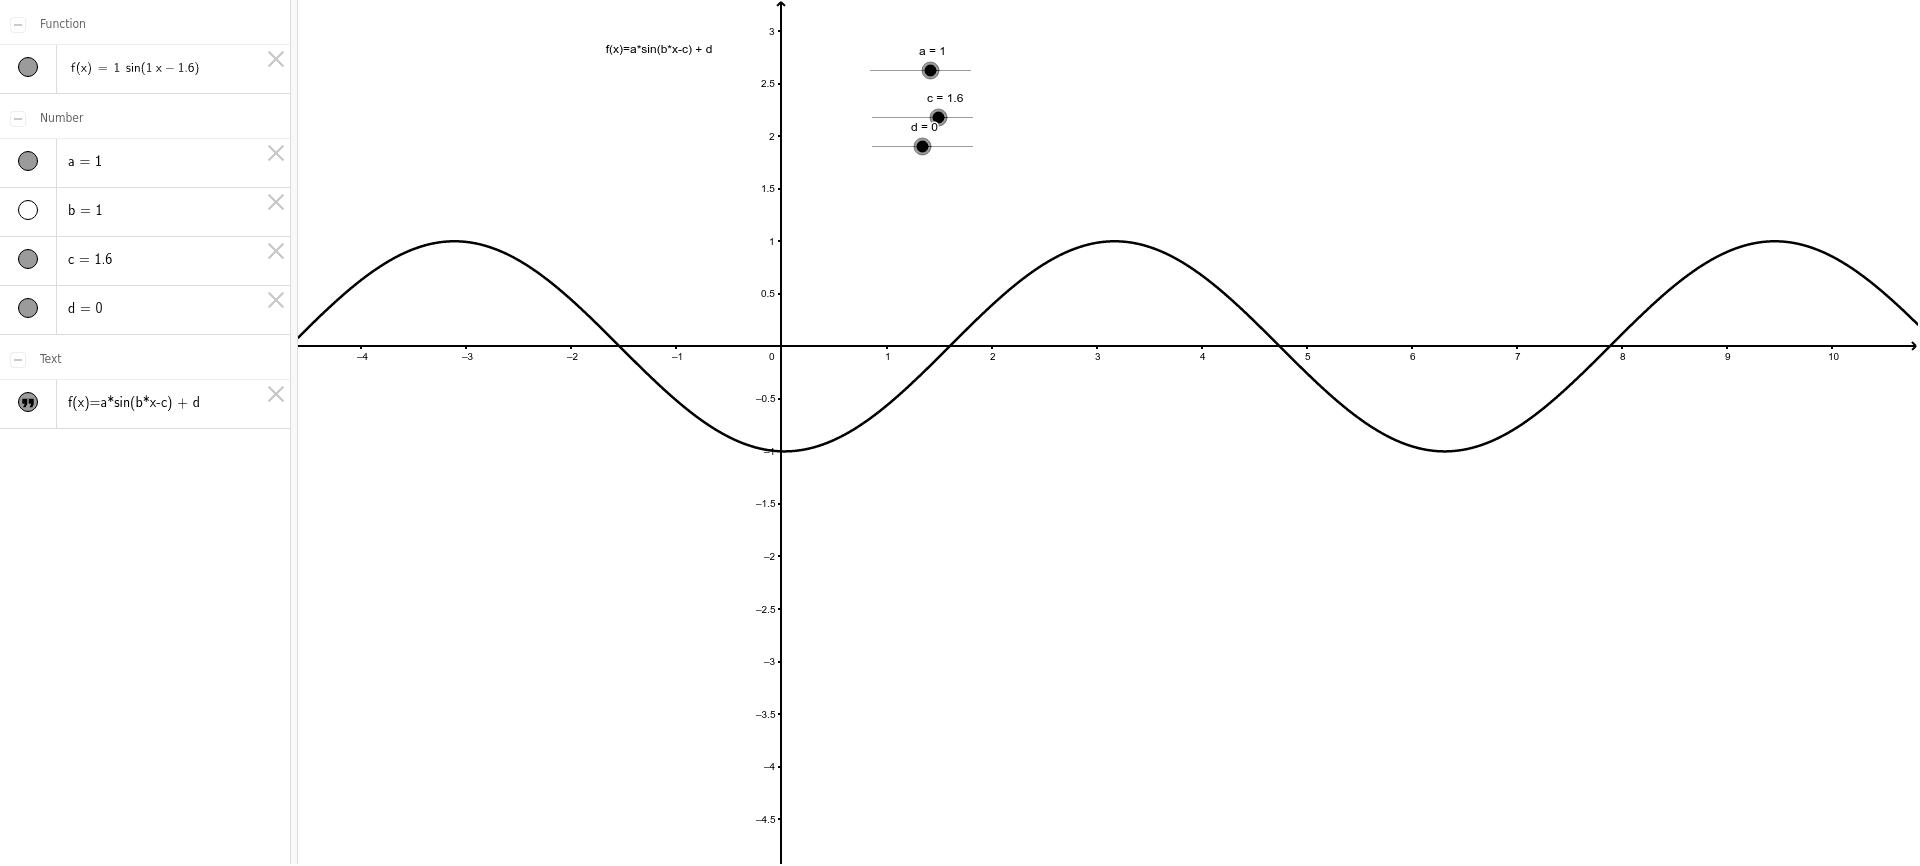 Sinusfunktion mit Parametern